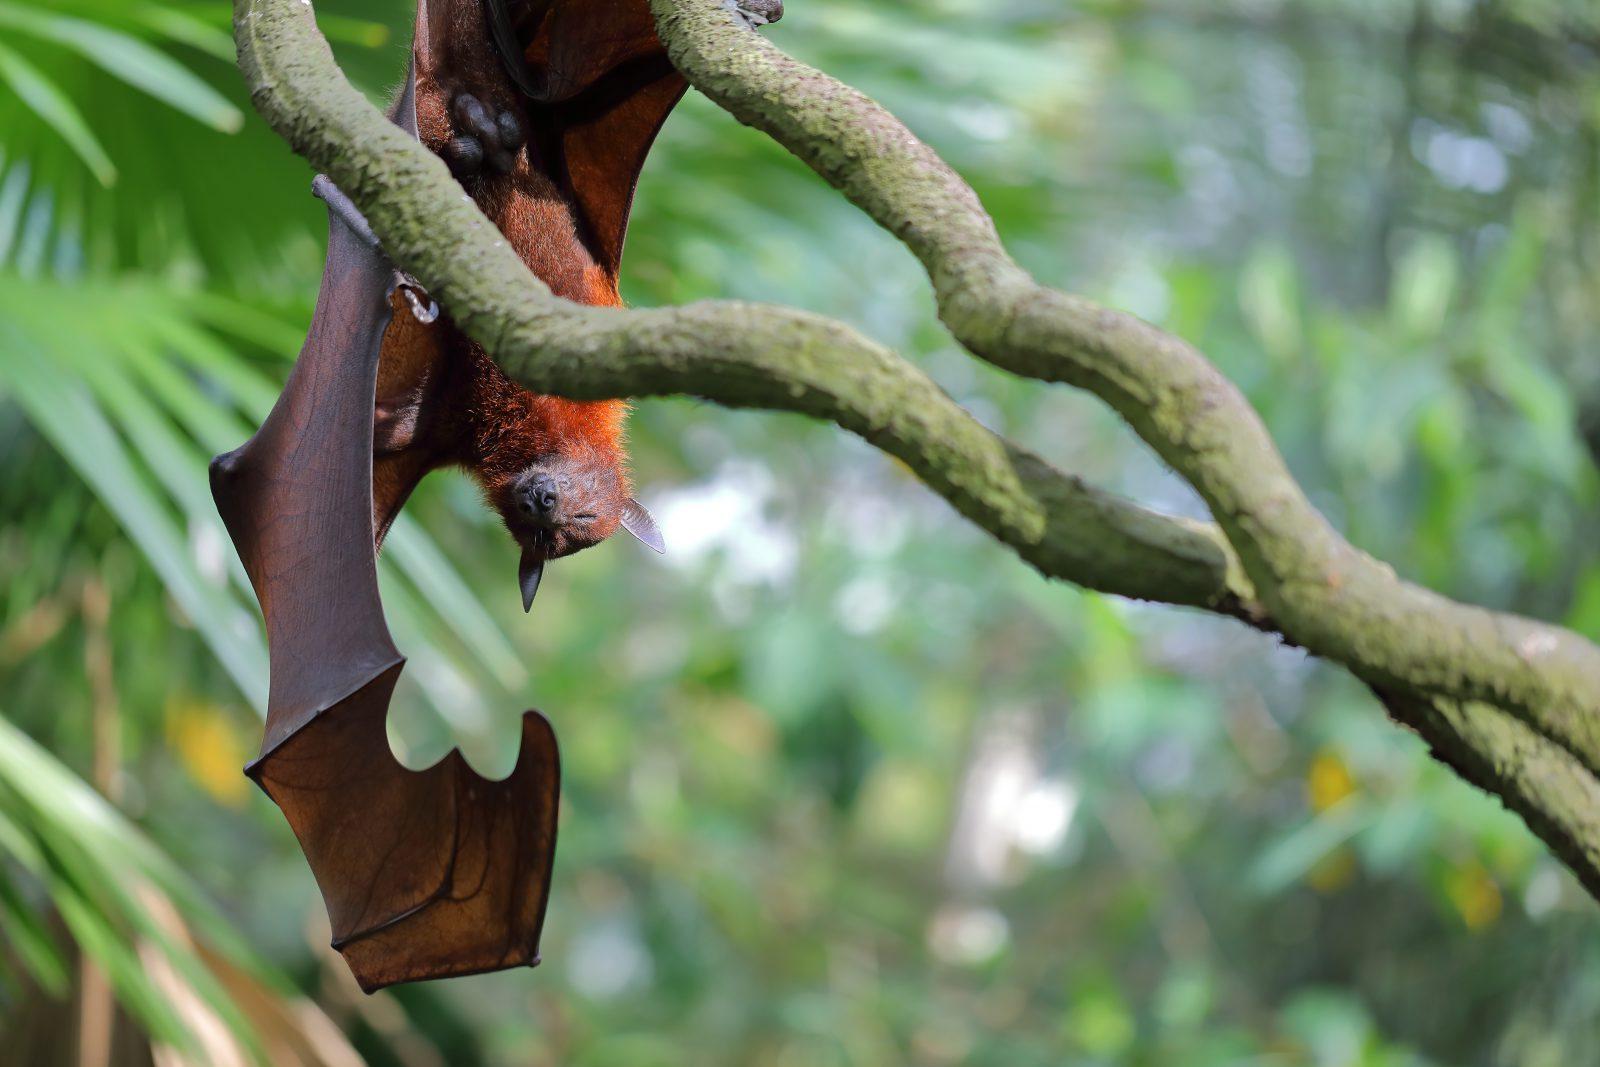 Os morcegos são importante para a agricultura, pois se alimenta de pragas.